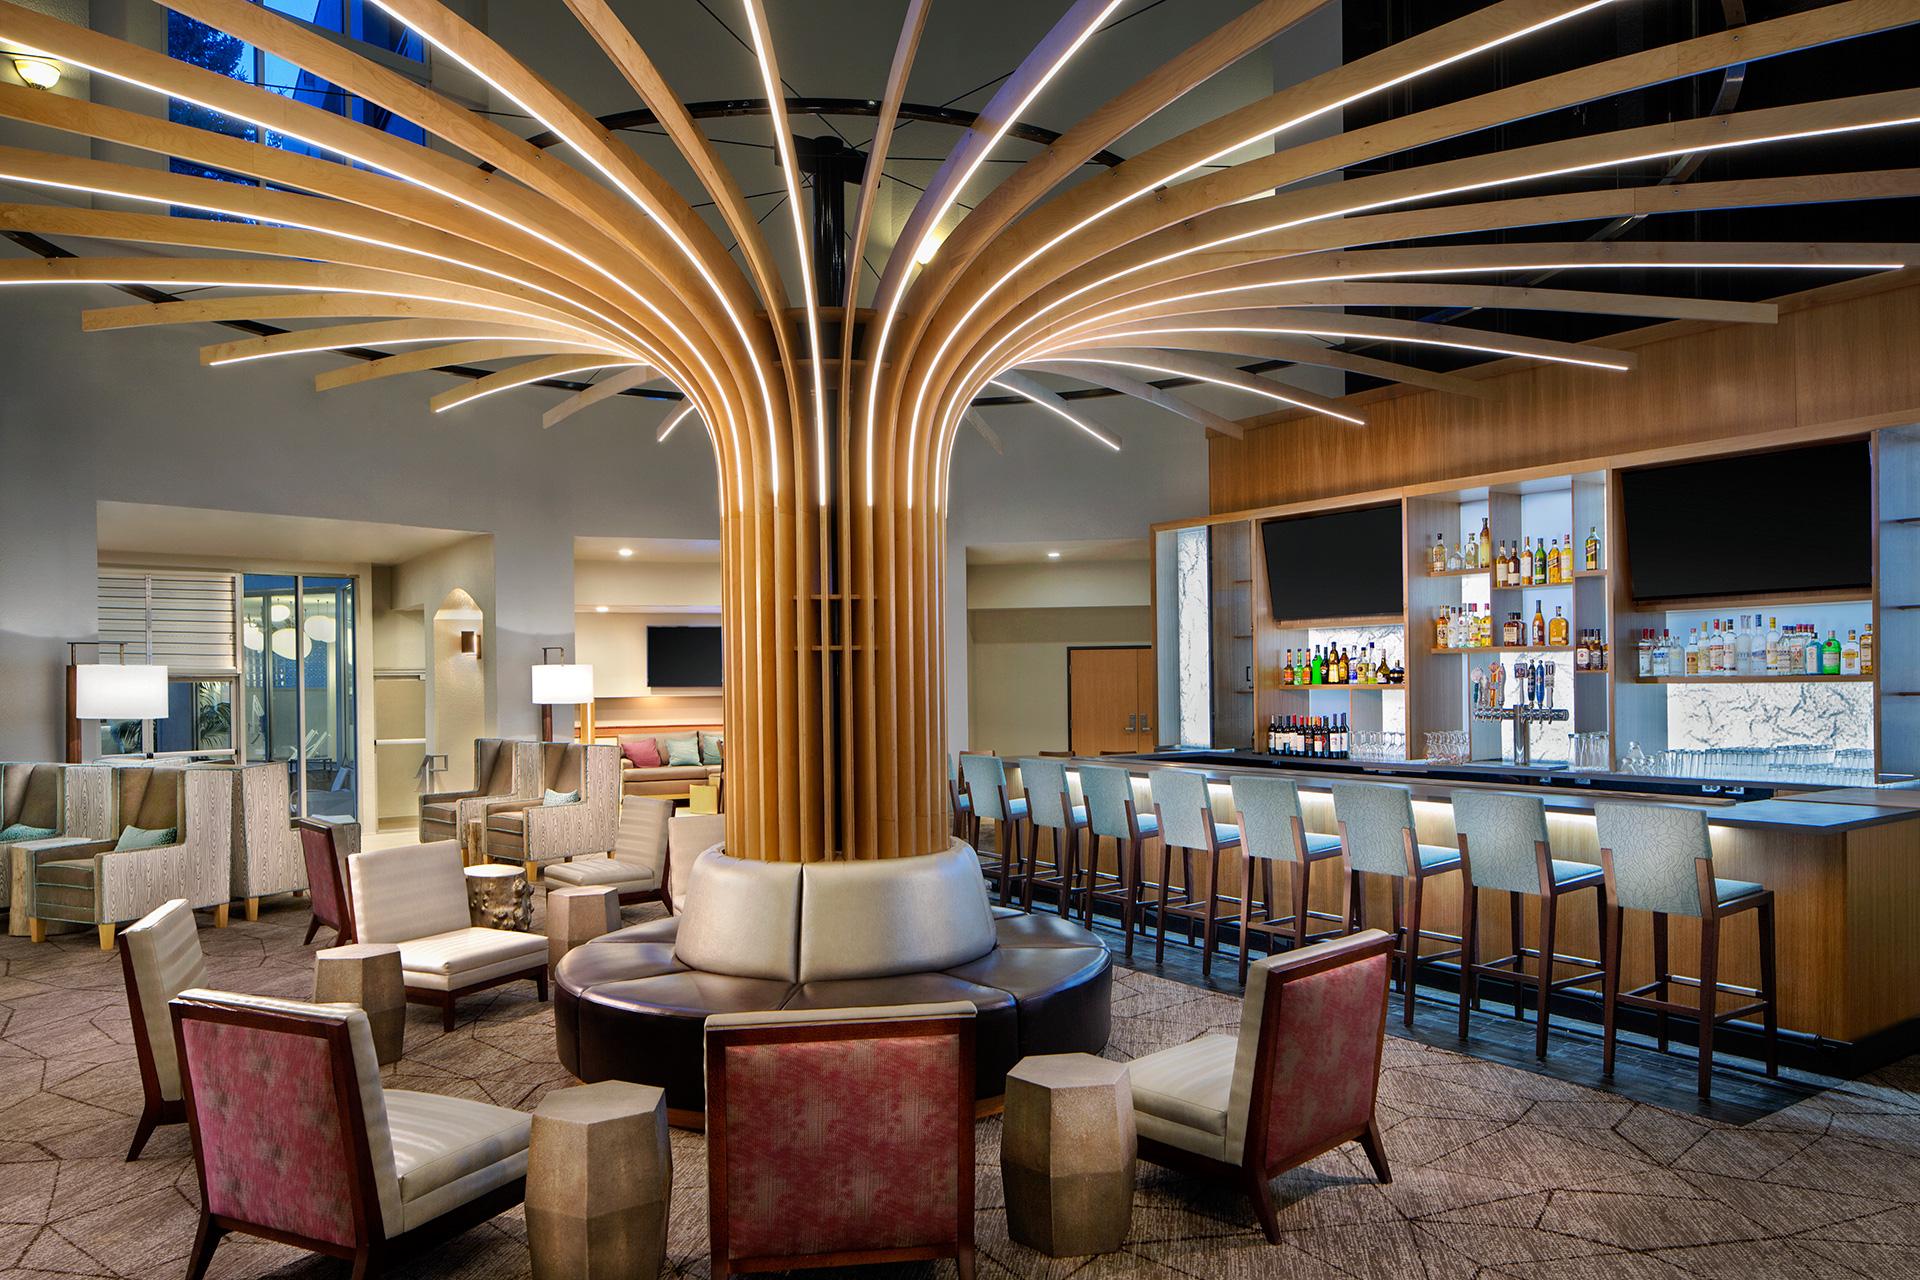 Crowne Plaza Lake Oswego Hotel